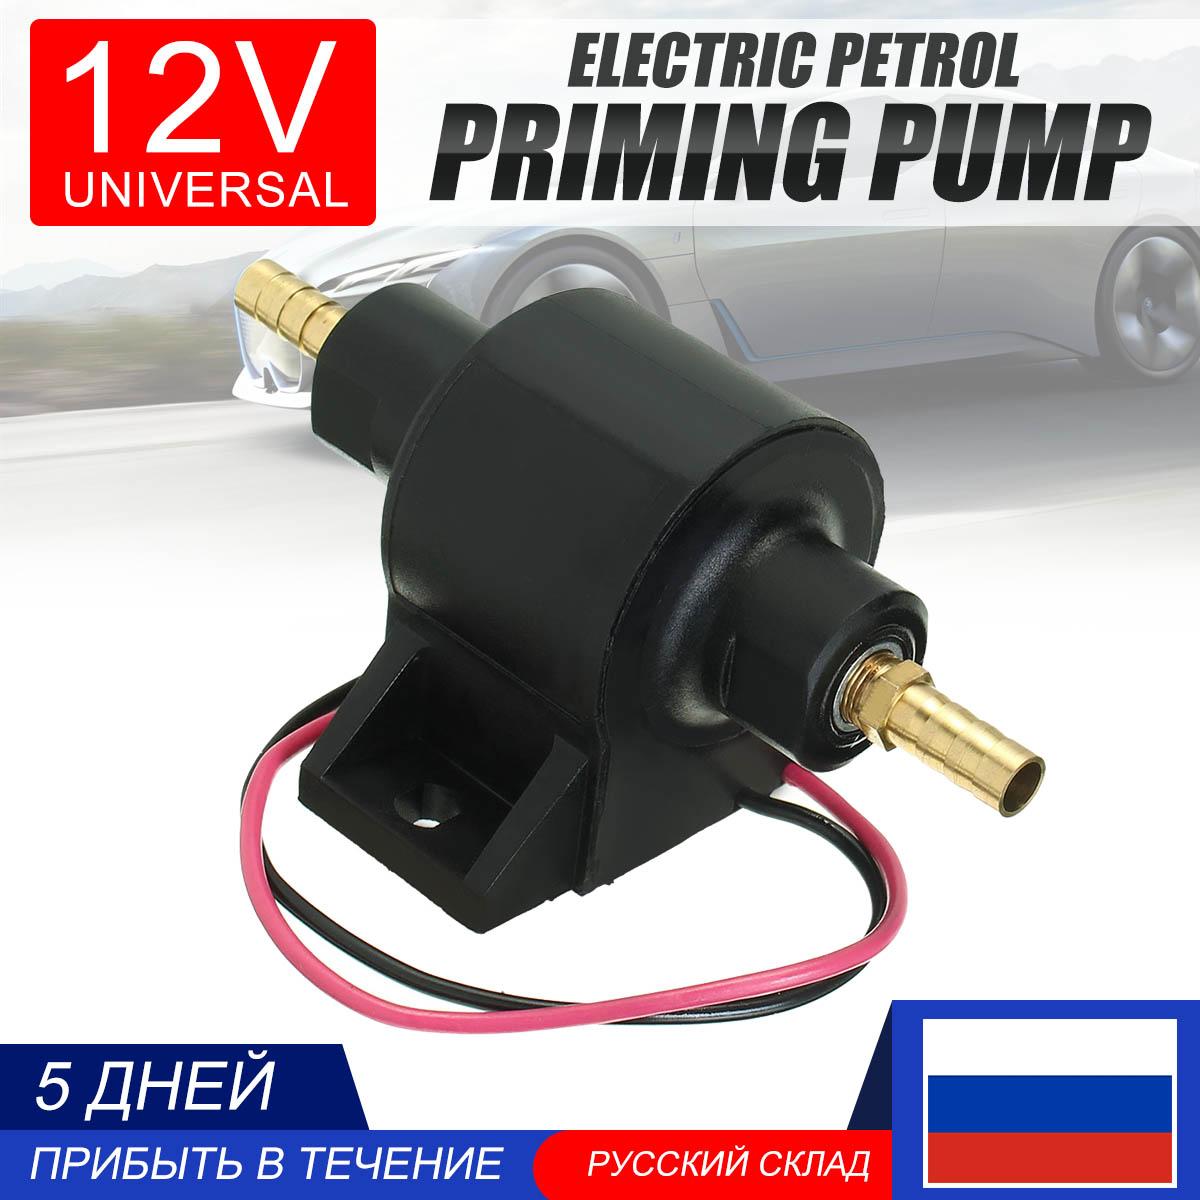 12V универсальный Электрический бензонасос низкого Давление автомобиля Ван Электрический для топливный насос с бензиновым двигателем Posi Facet Flow Стиль 8 мм